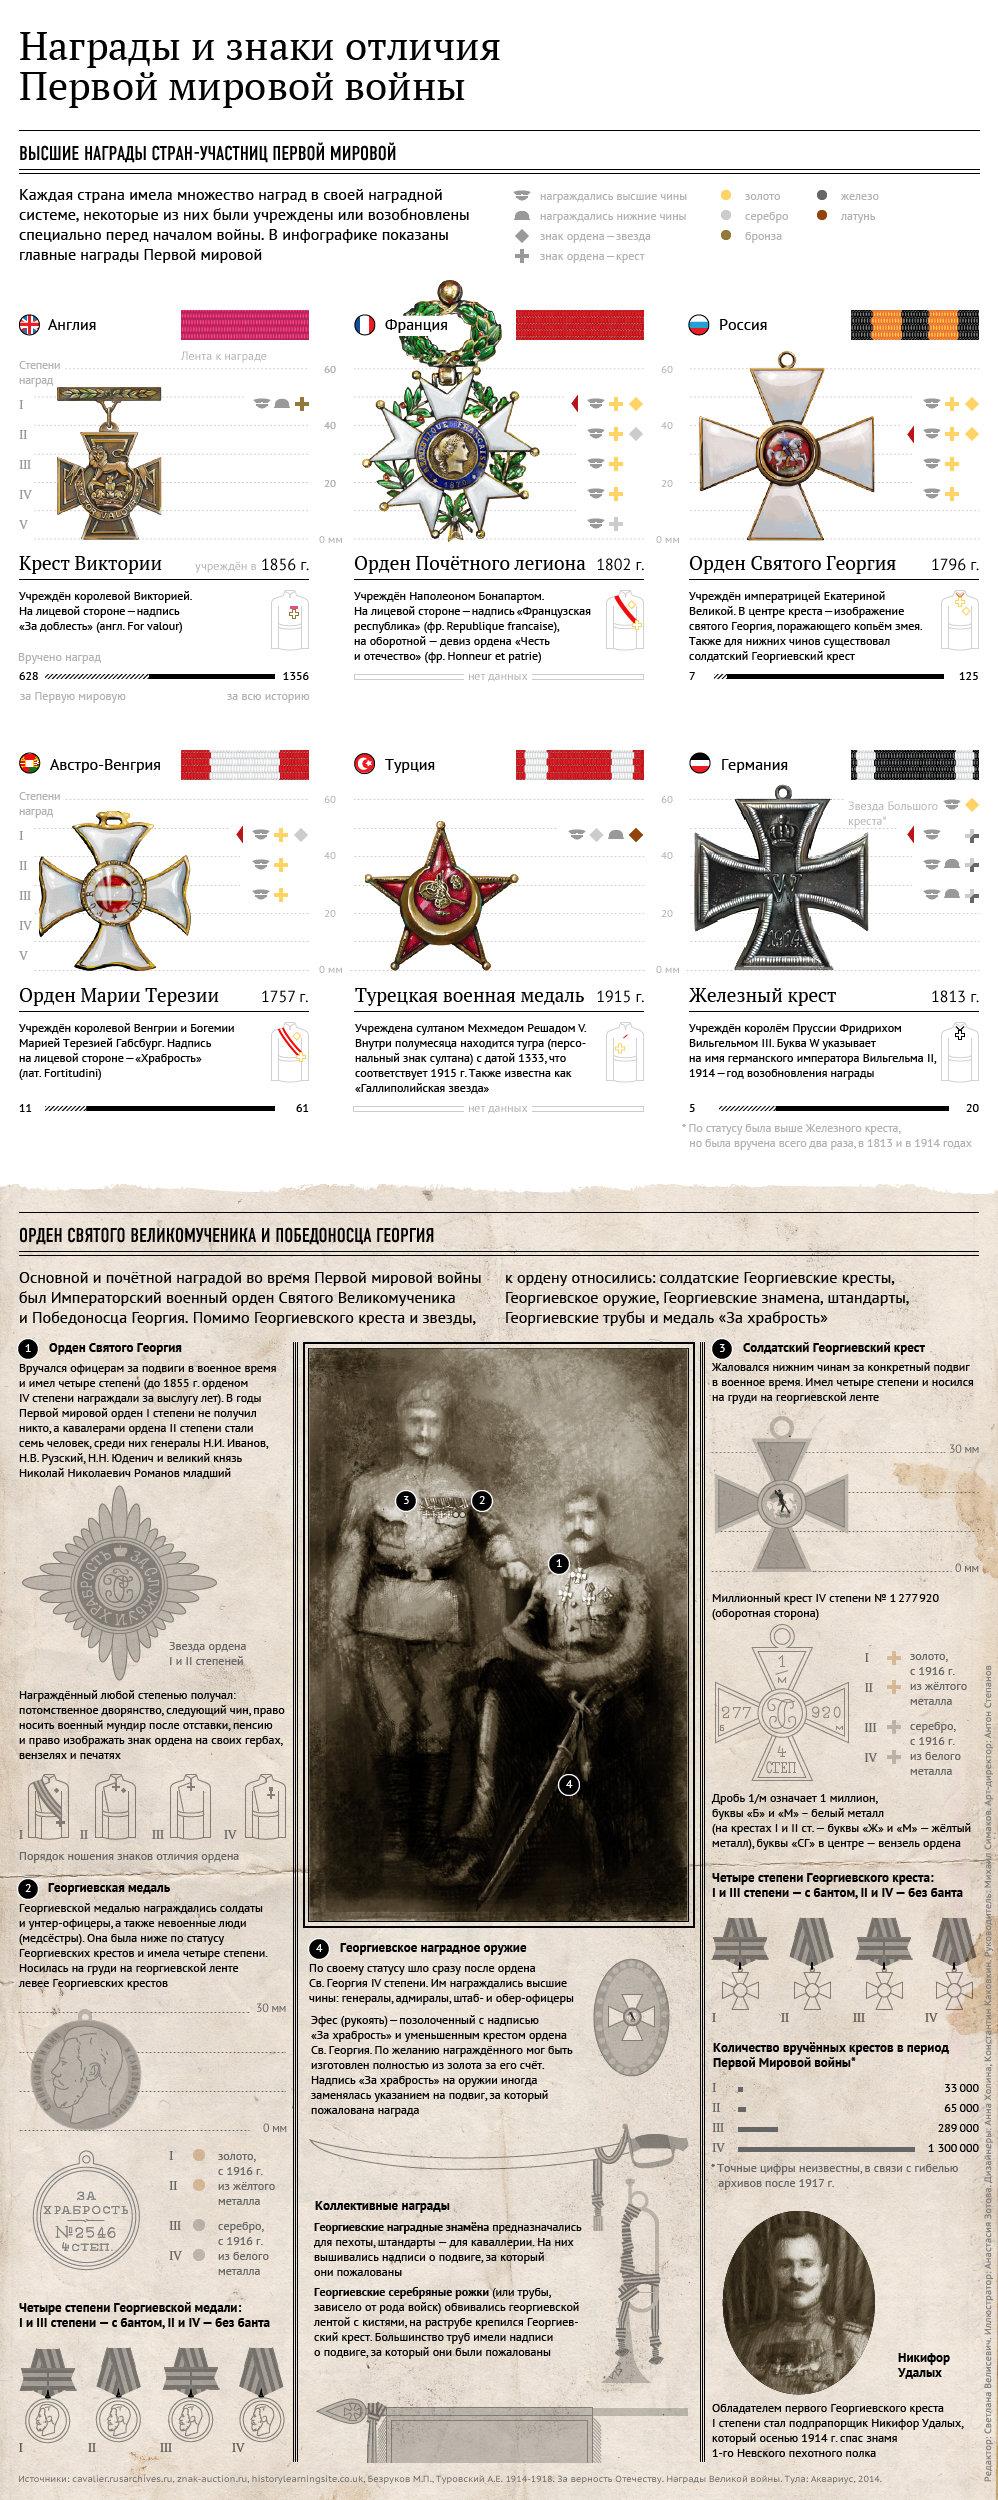 Награды и знаки отличия Первой мировой войны. - Sputnik Абхазия